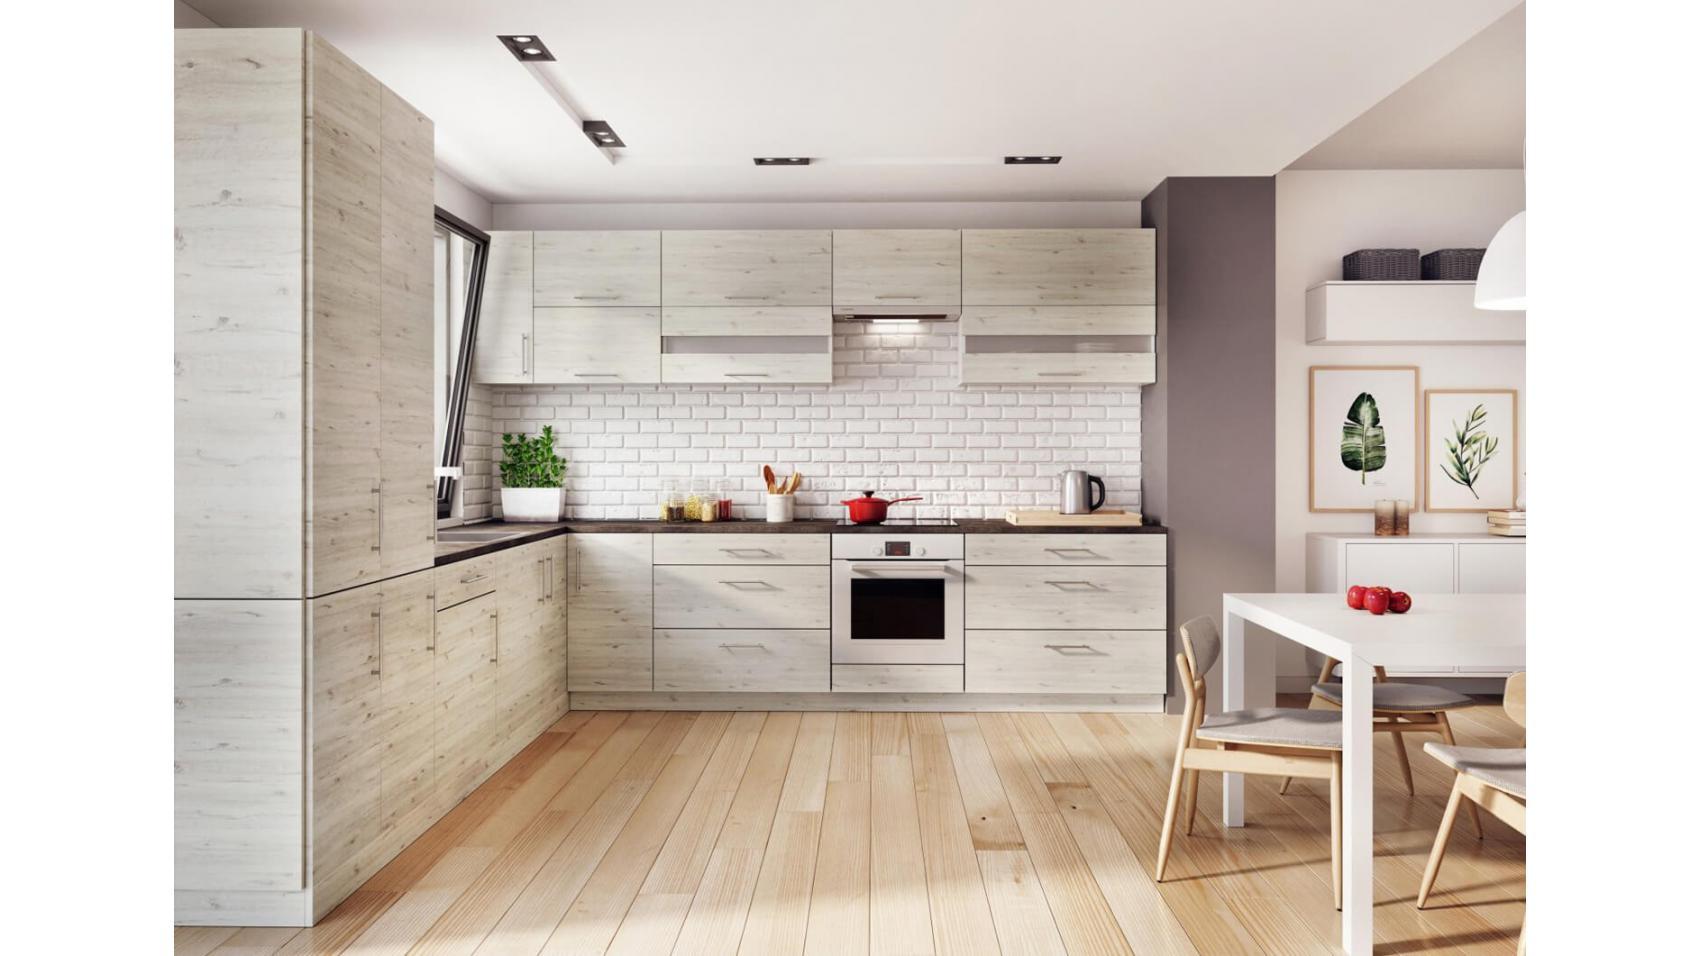 Luna Cortona - białe, z odcieniem szarości i rysunkiem drewna dębowego meble kuchenne